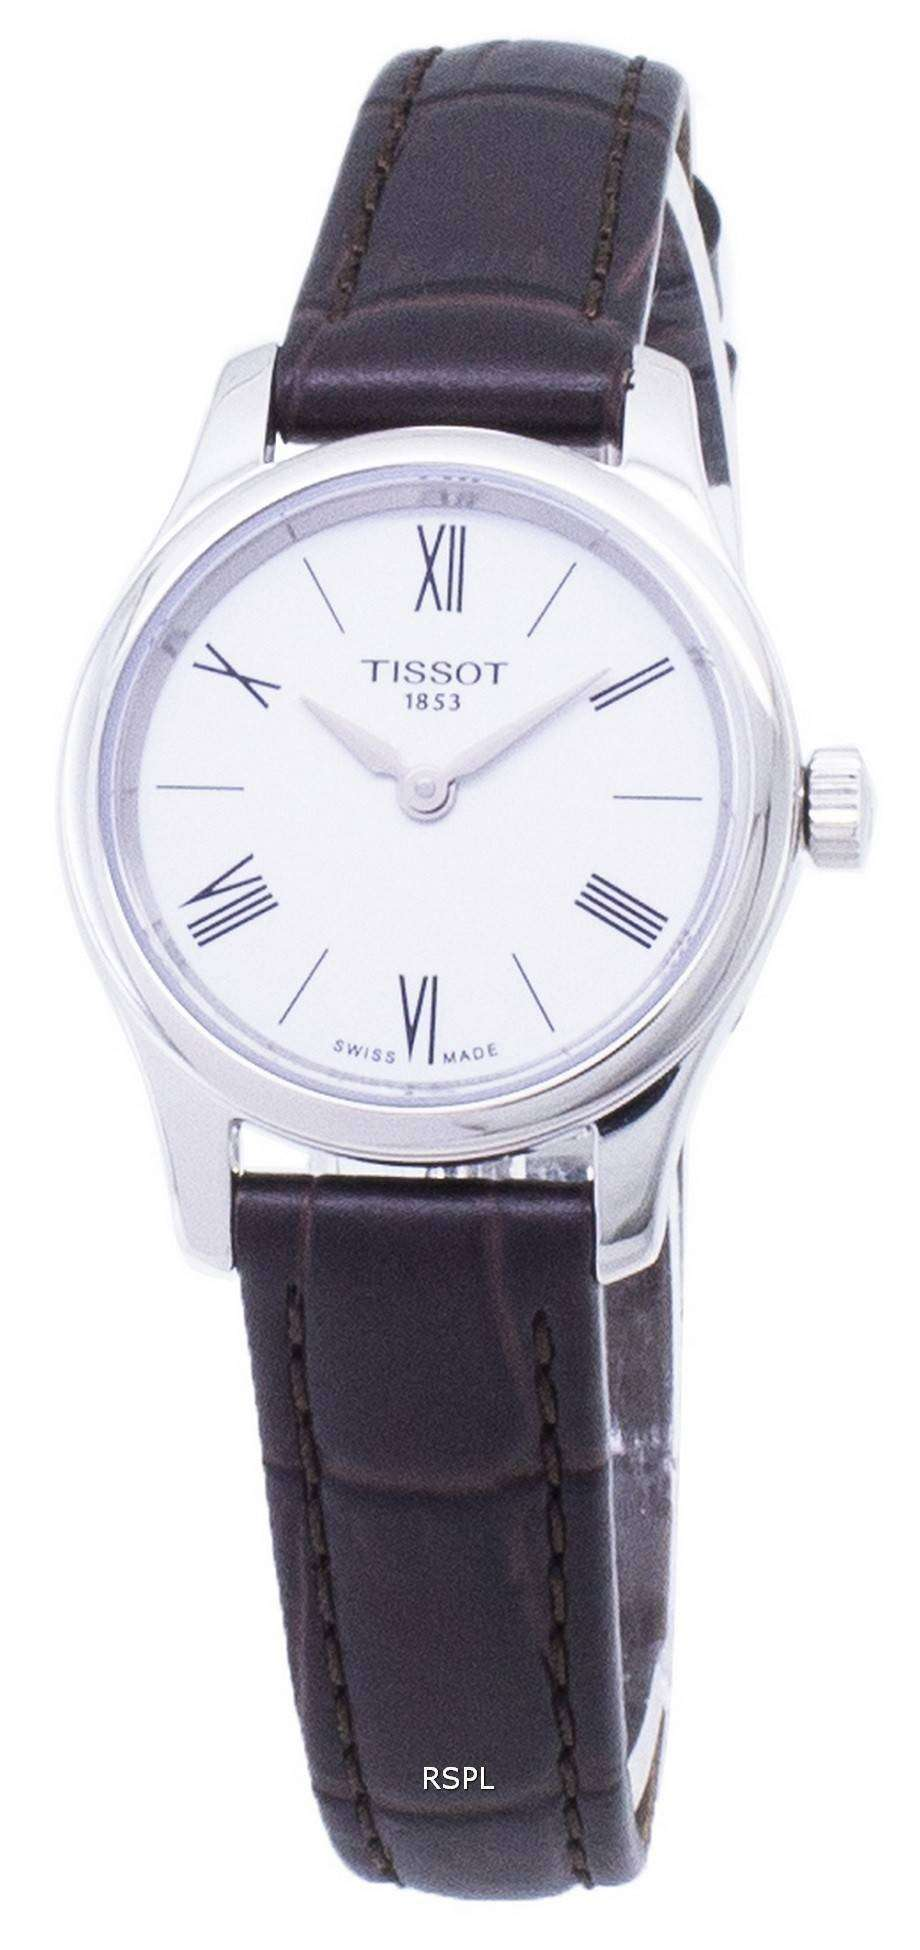 ティソ T-古典的な伝統 5.5 T063.009.16.018.00 T0630091601800 クオーツ レディース腕時計